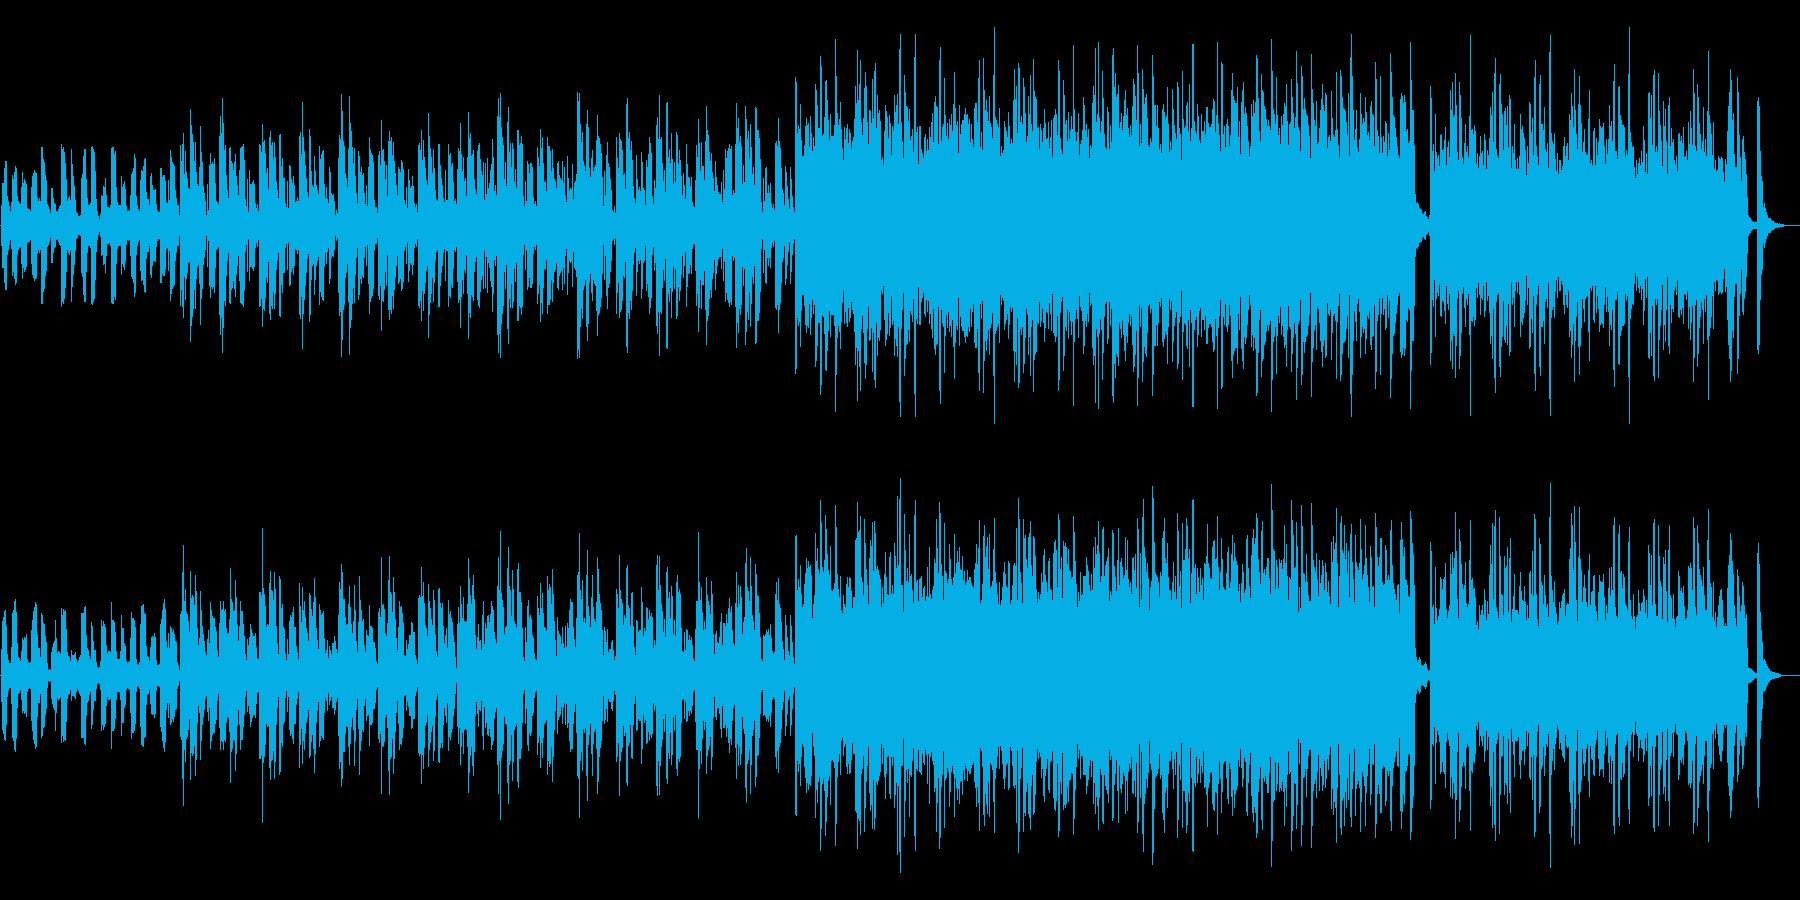 爽やかで温かいCM曲の再生済みの波形